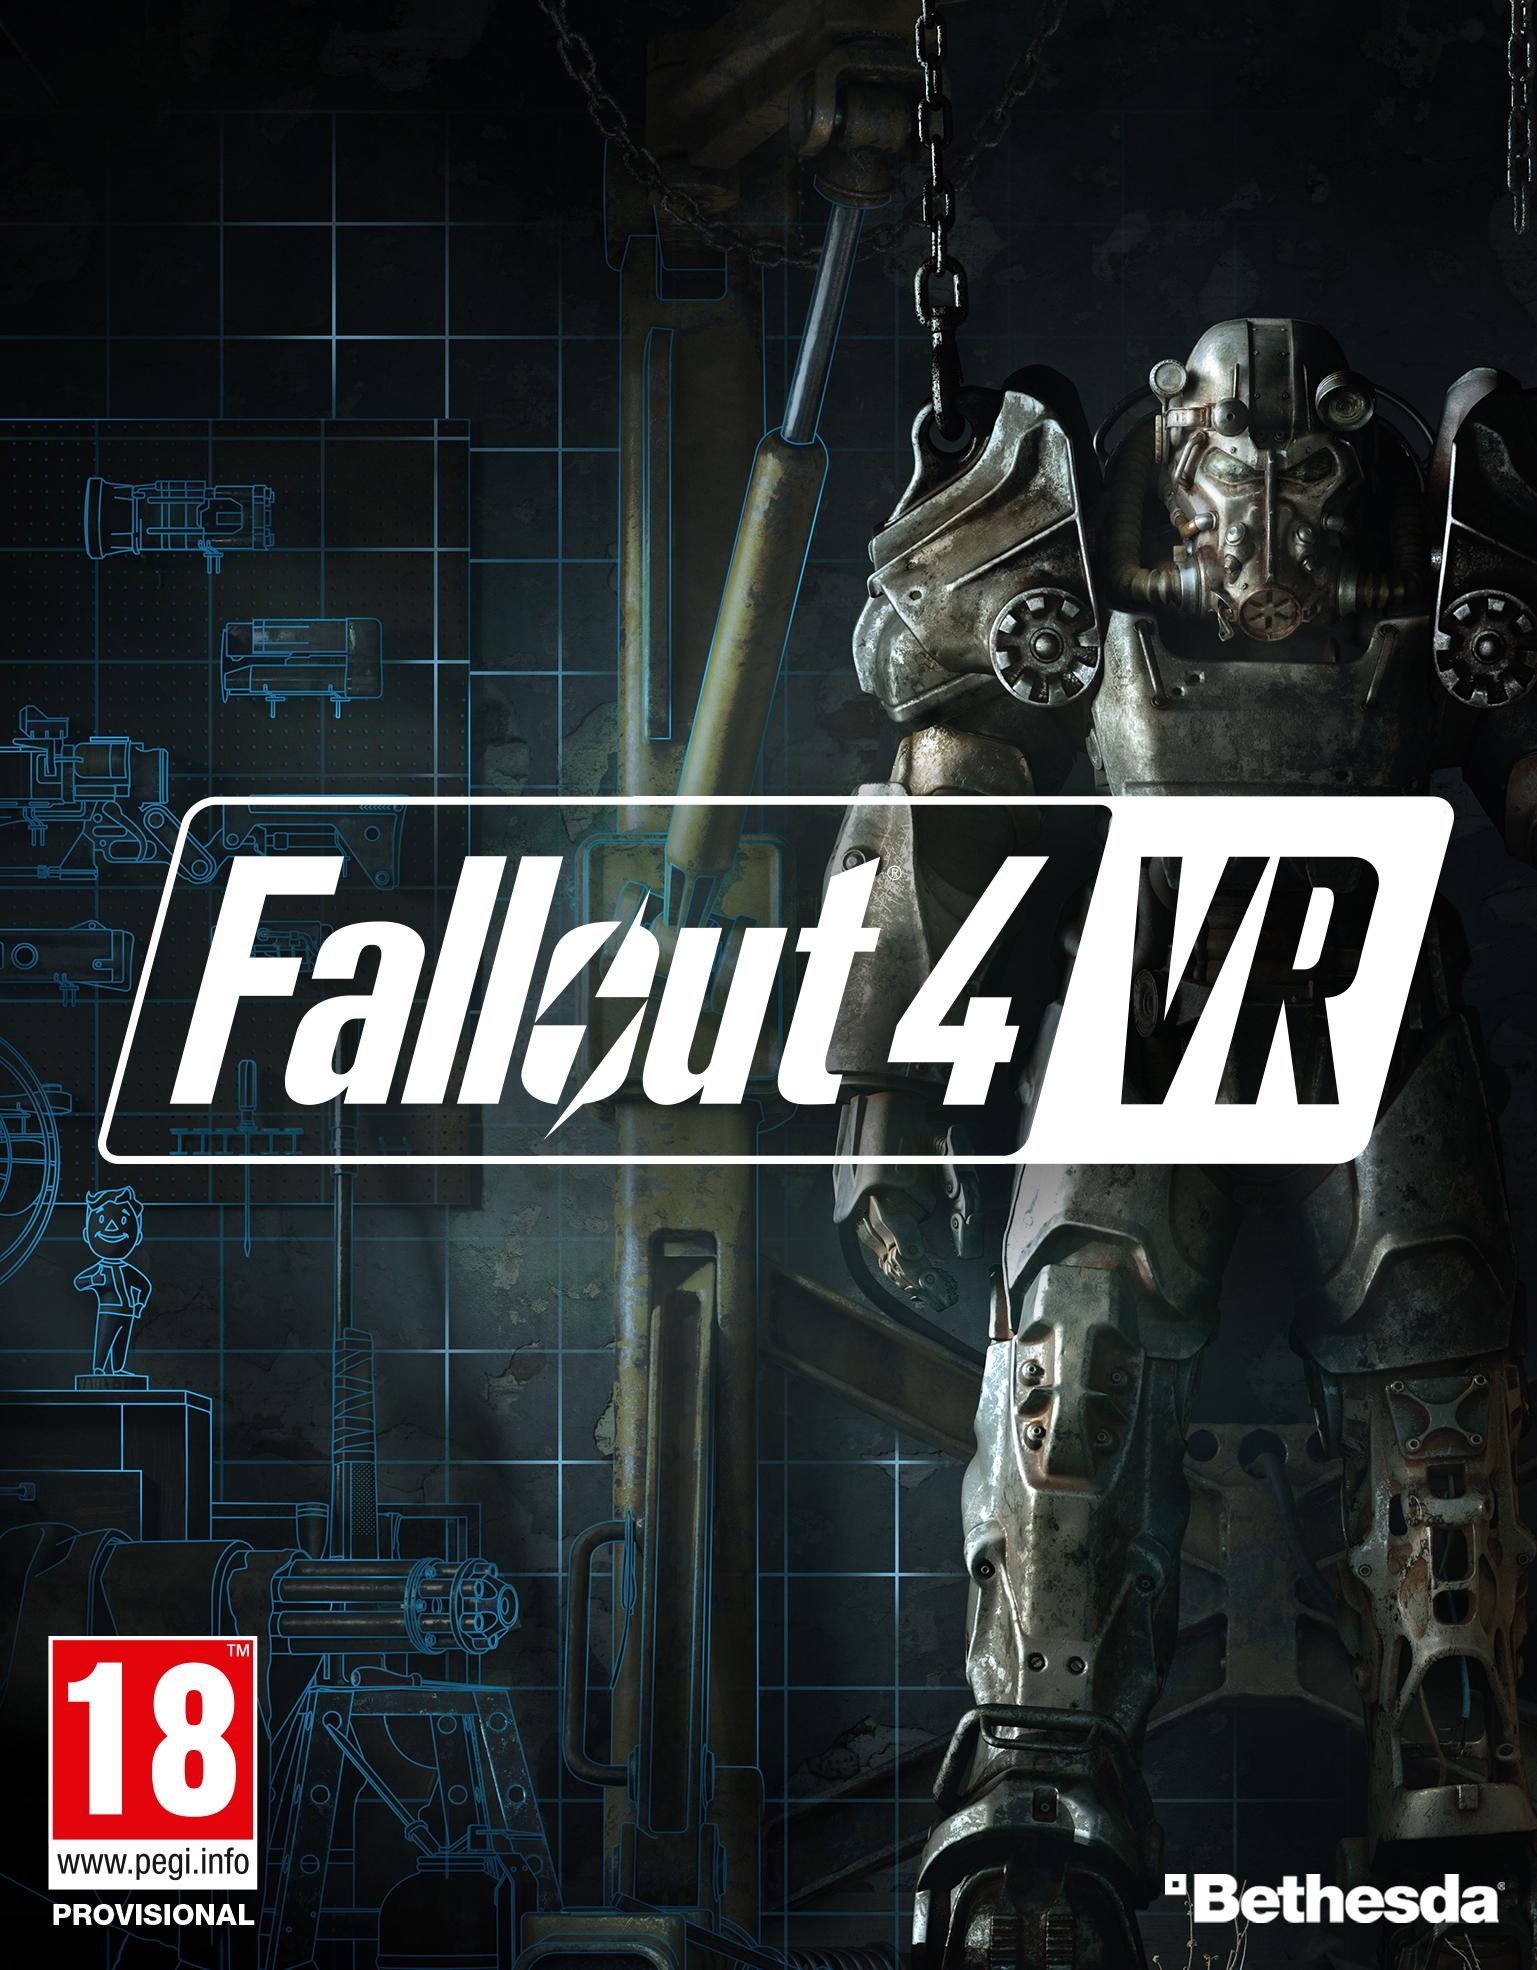 Fallout 4 VR PC Portada